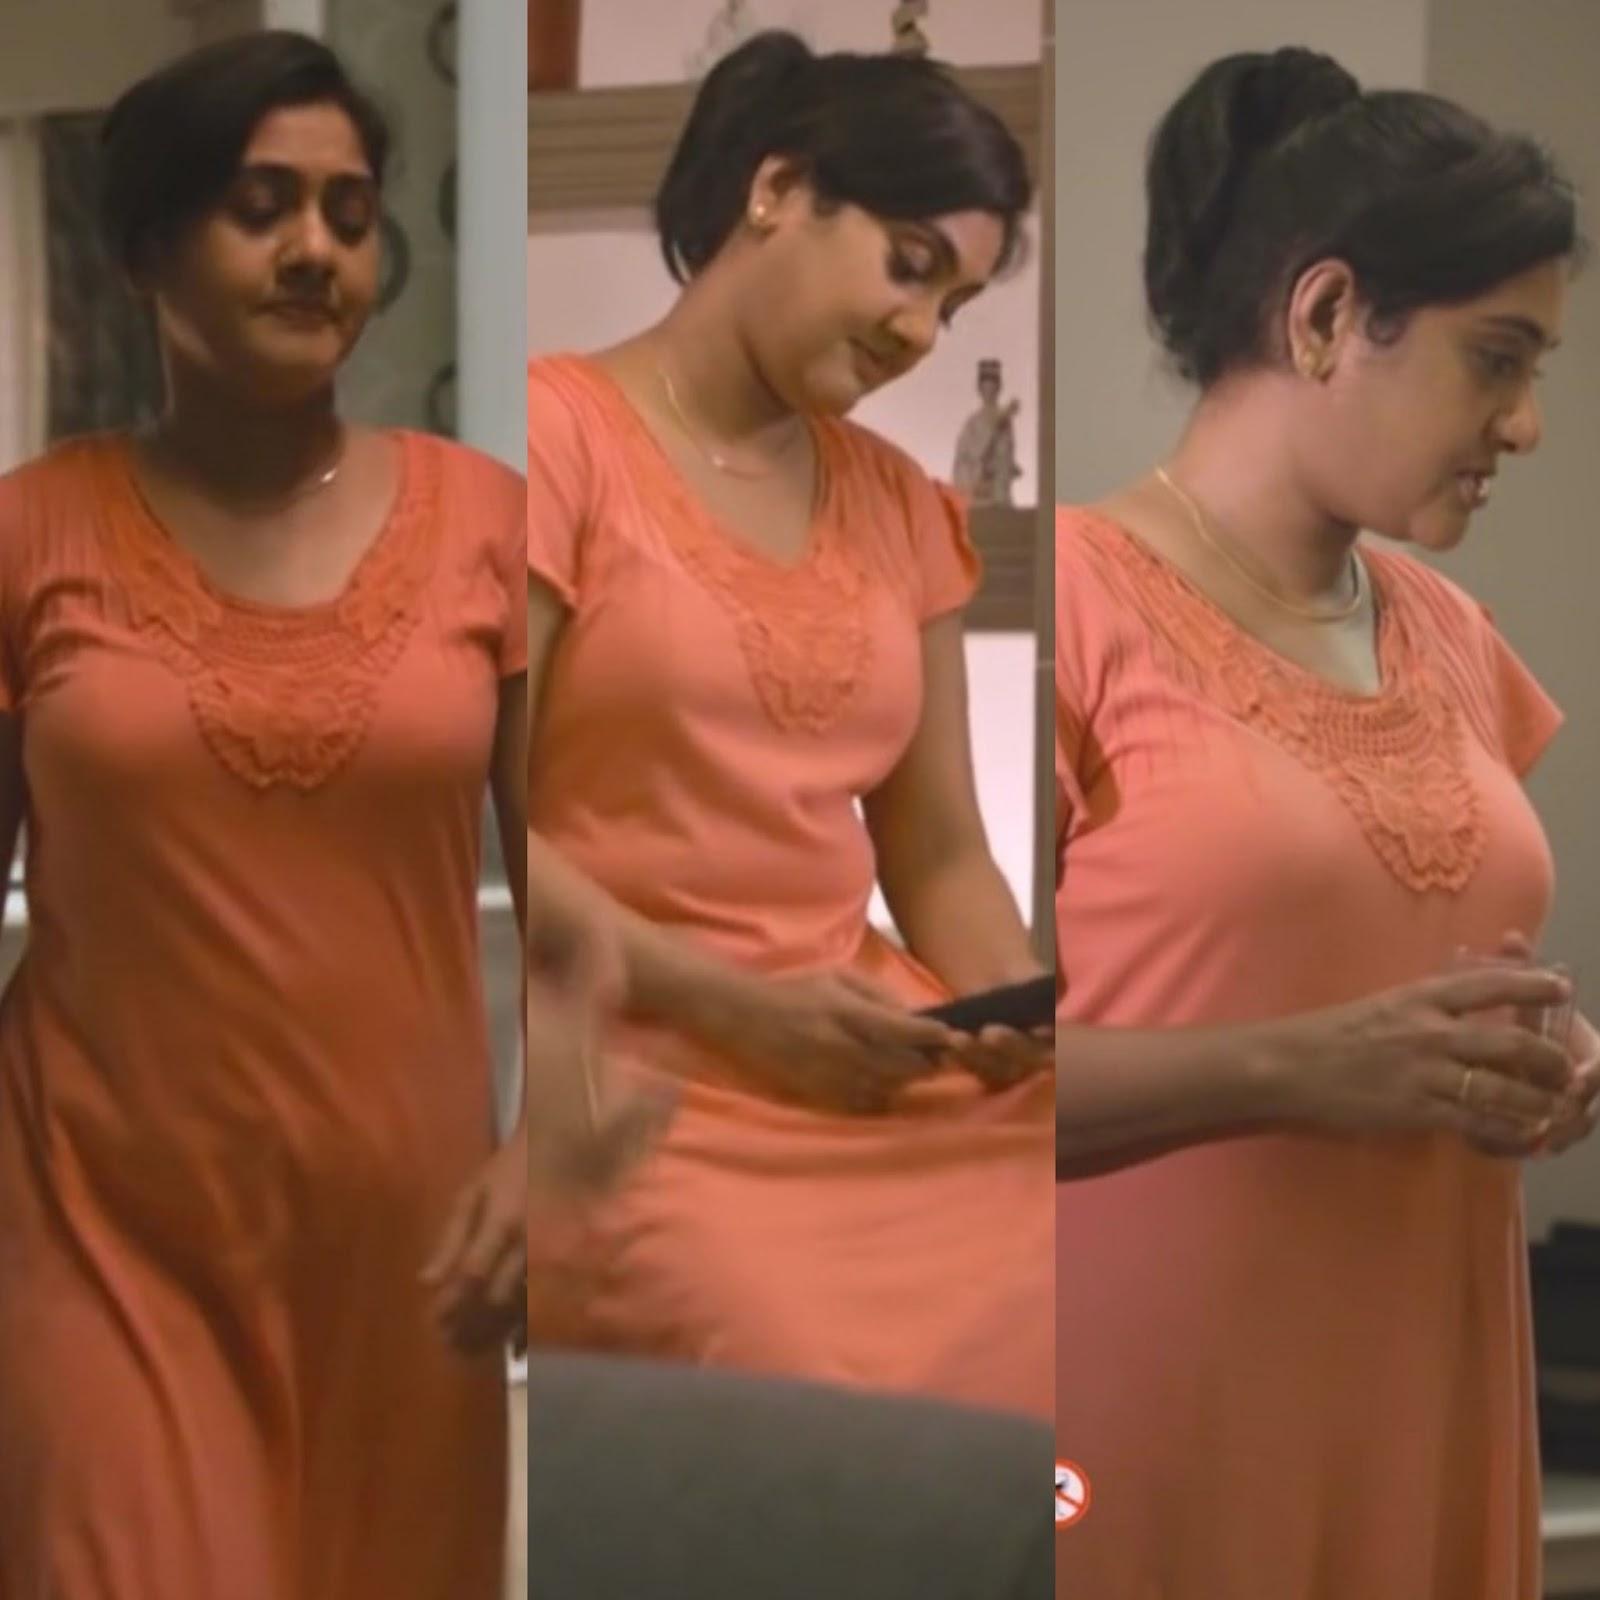 Tamil Hot Actress Hot Photos: Anju Aravind hot 2011